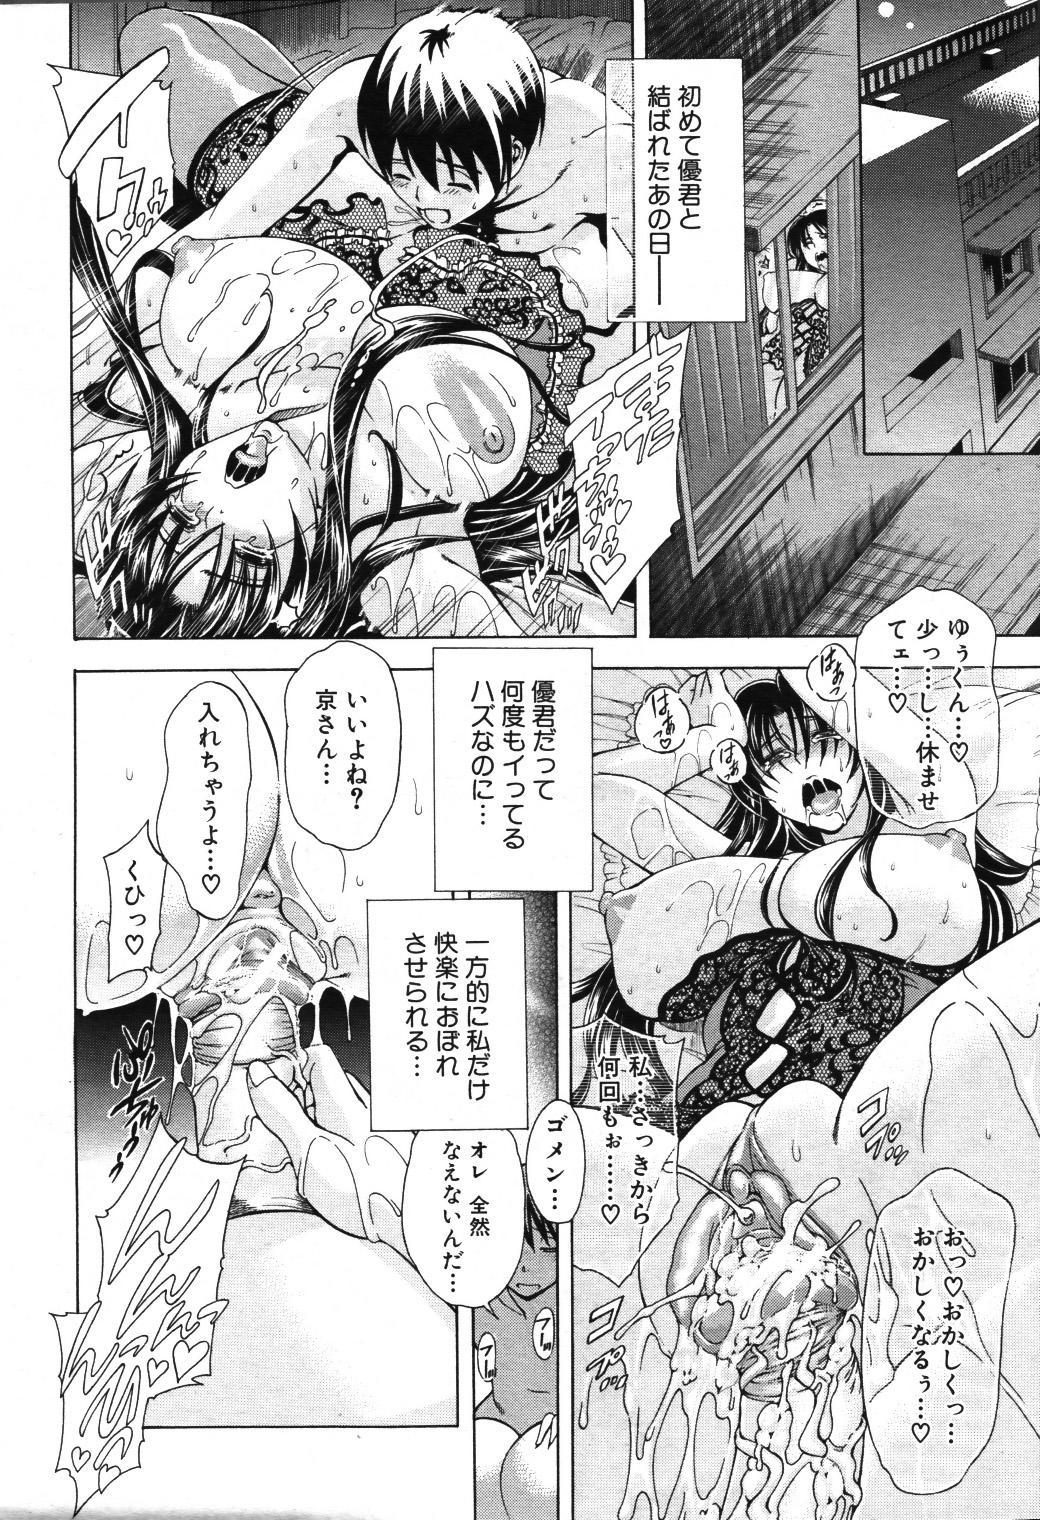 Himitsu no Sign - Secret Signature 17